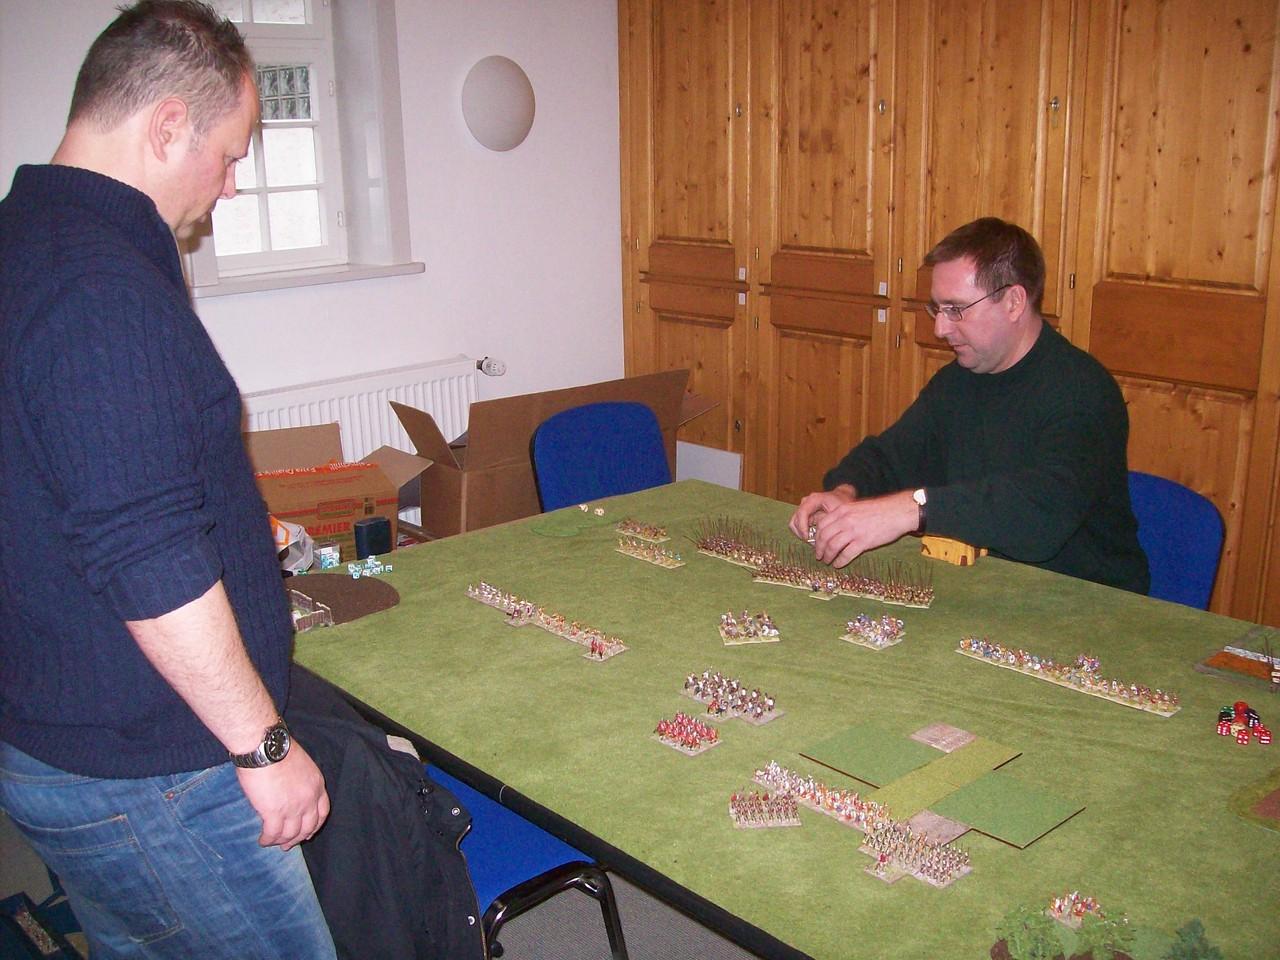 Das Spitzenspiel der letzten Runde: Alexander gegen Ferdi